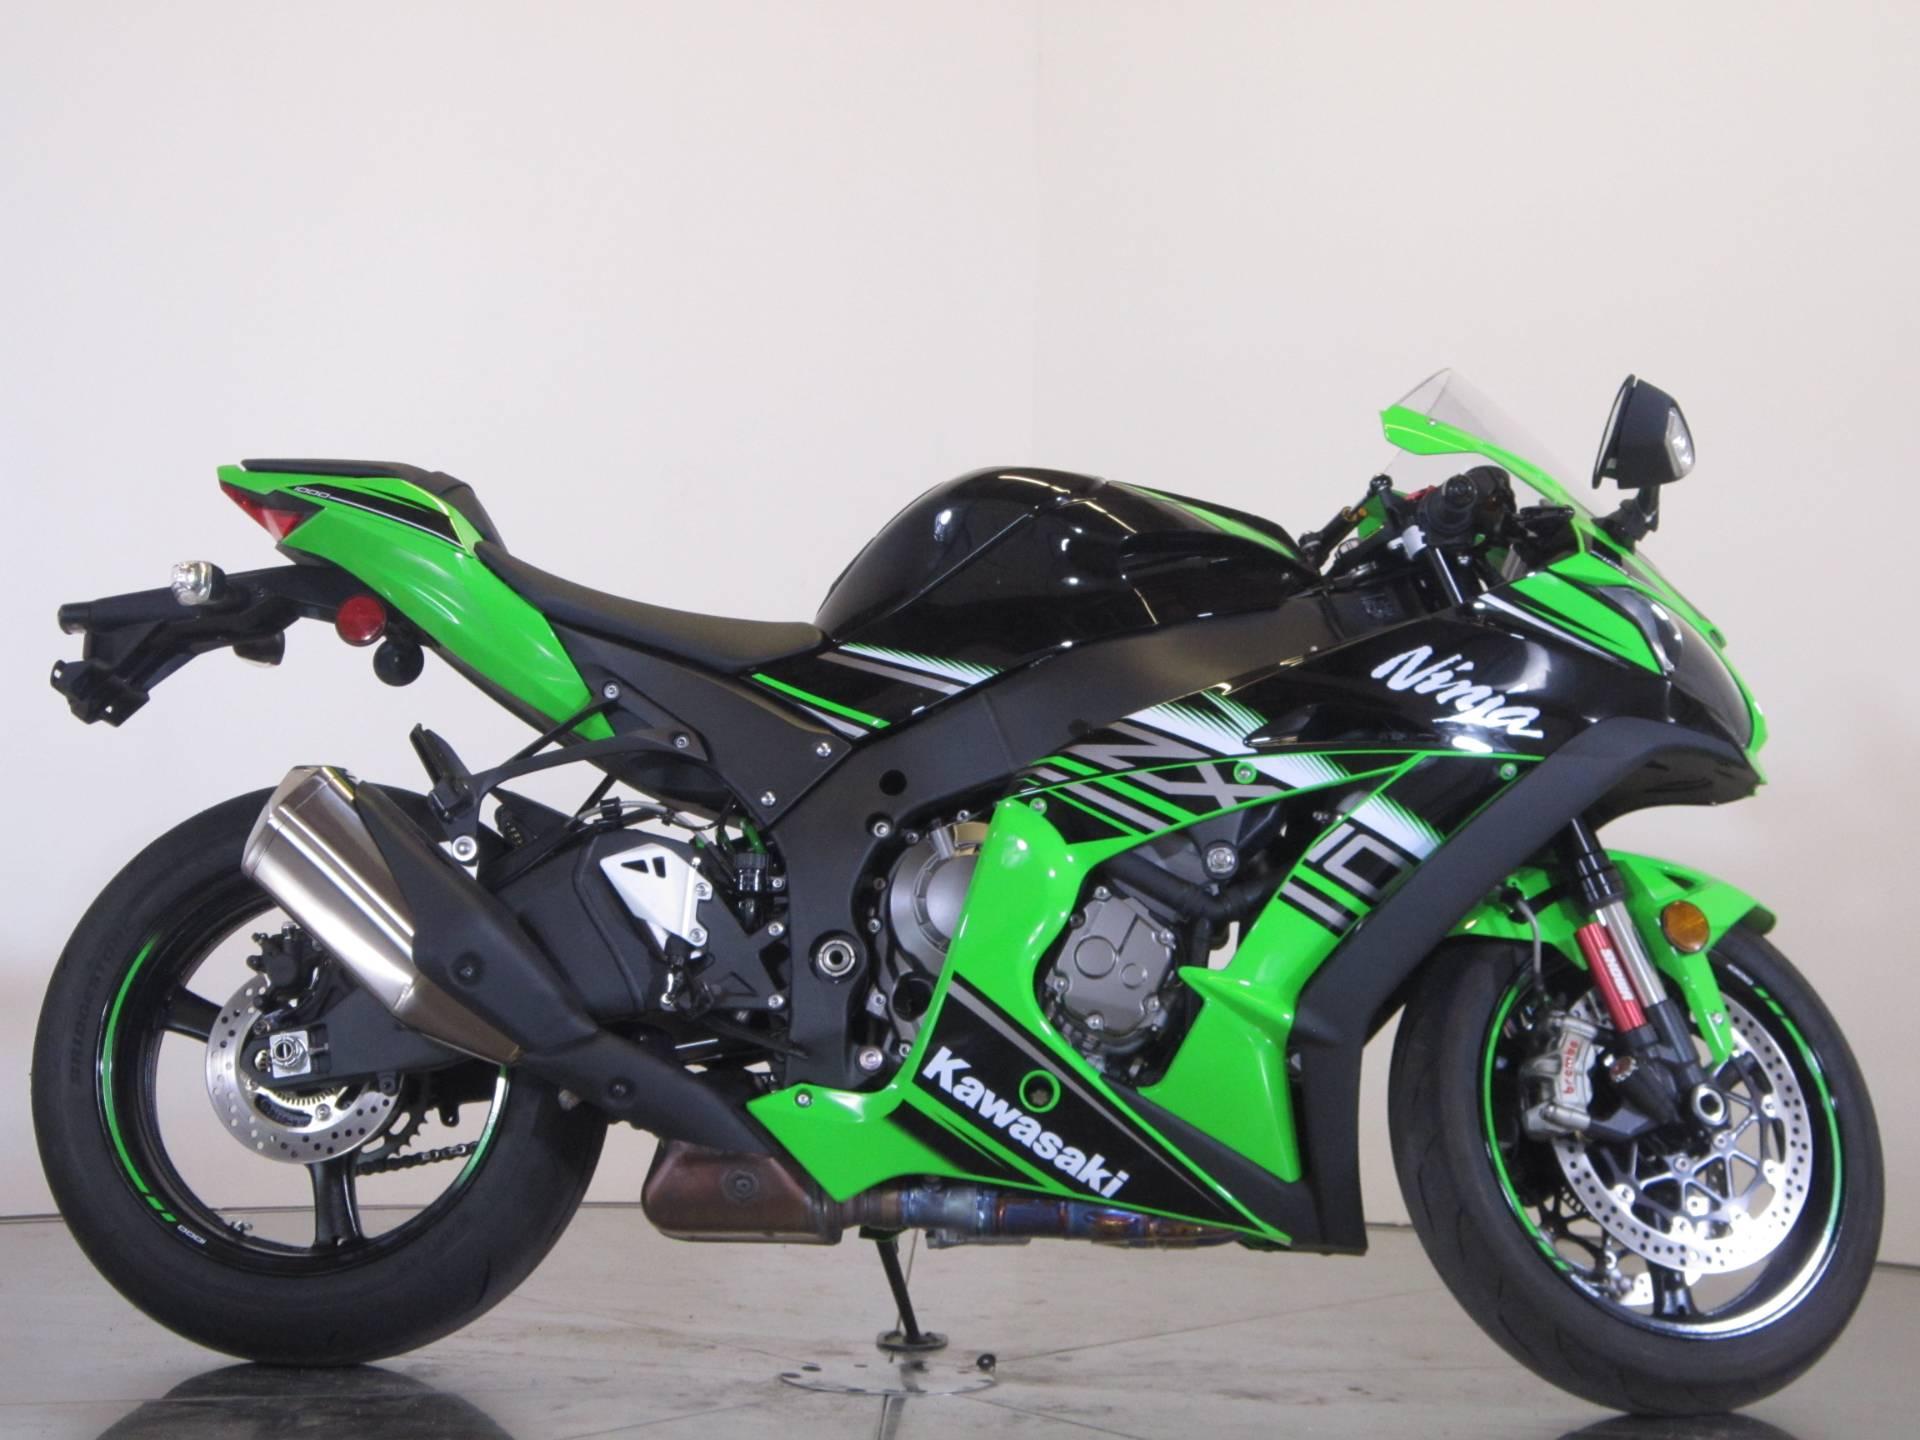 Used 2017 Kawasaki Ninja Zx 10r Abs Krt Edition Motorcycles In